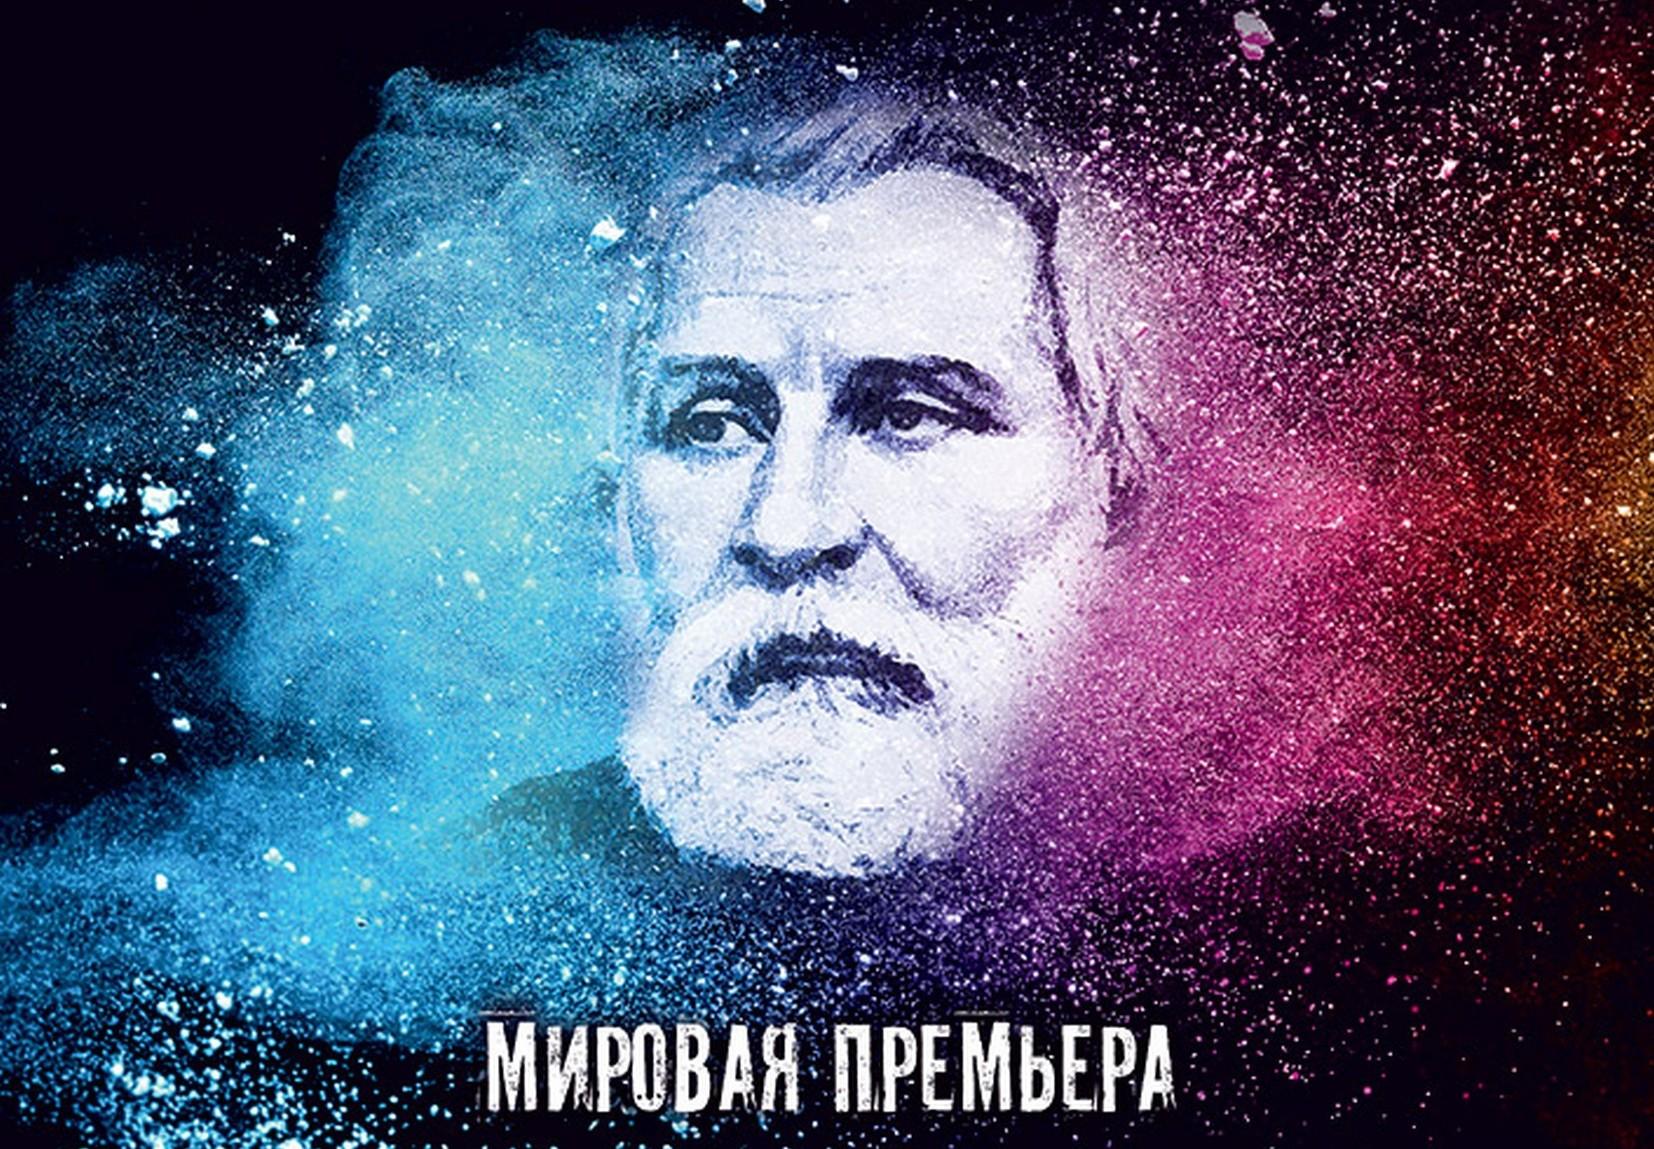 Спектакль «Тургенев. Сегодня!» покажут вВолгограде вчесть 200-летия писателя